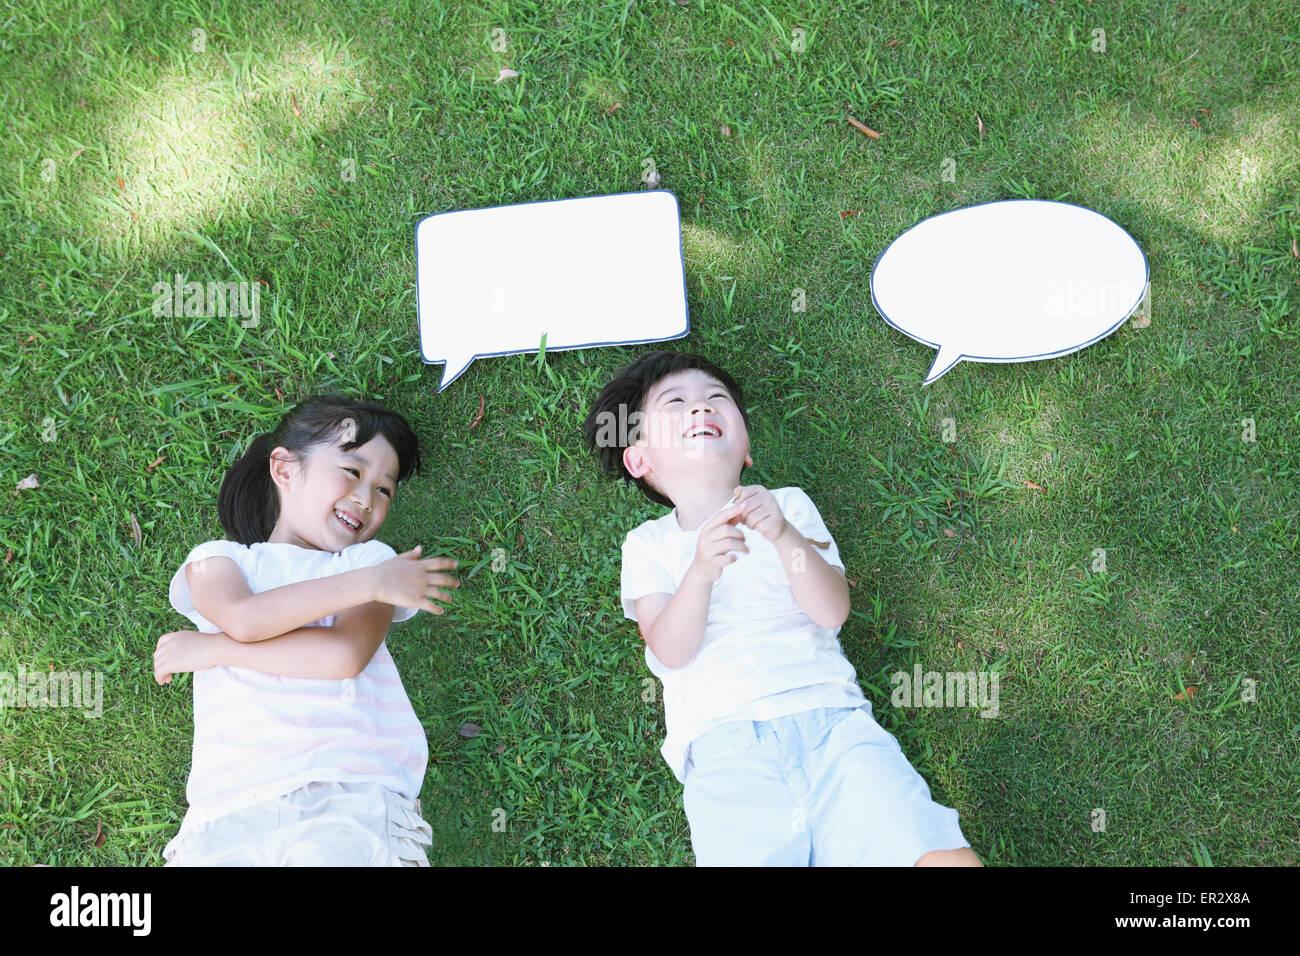 Heureux les enfants japonais pose de tableaux blancs dans un parc de la ville Banque D'Images